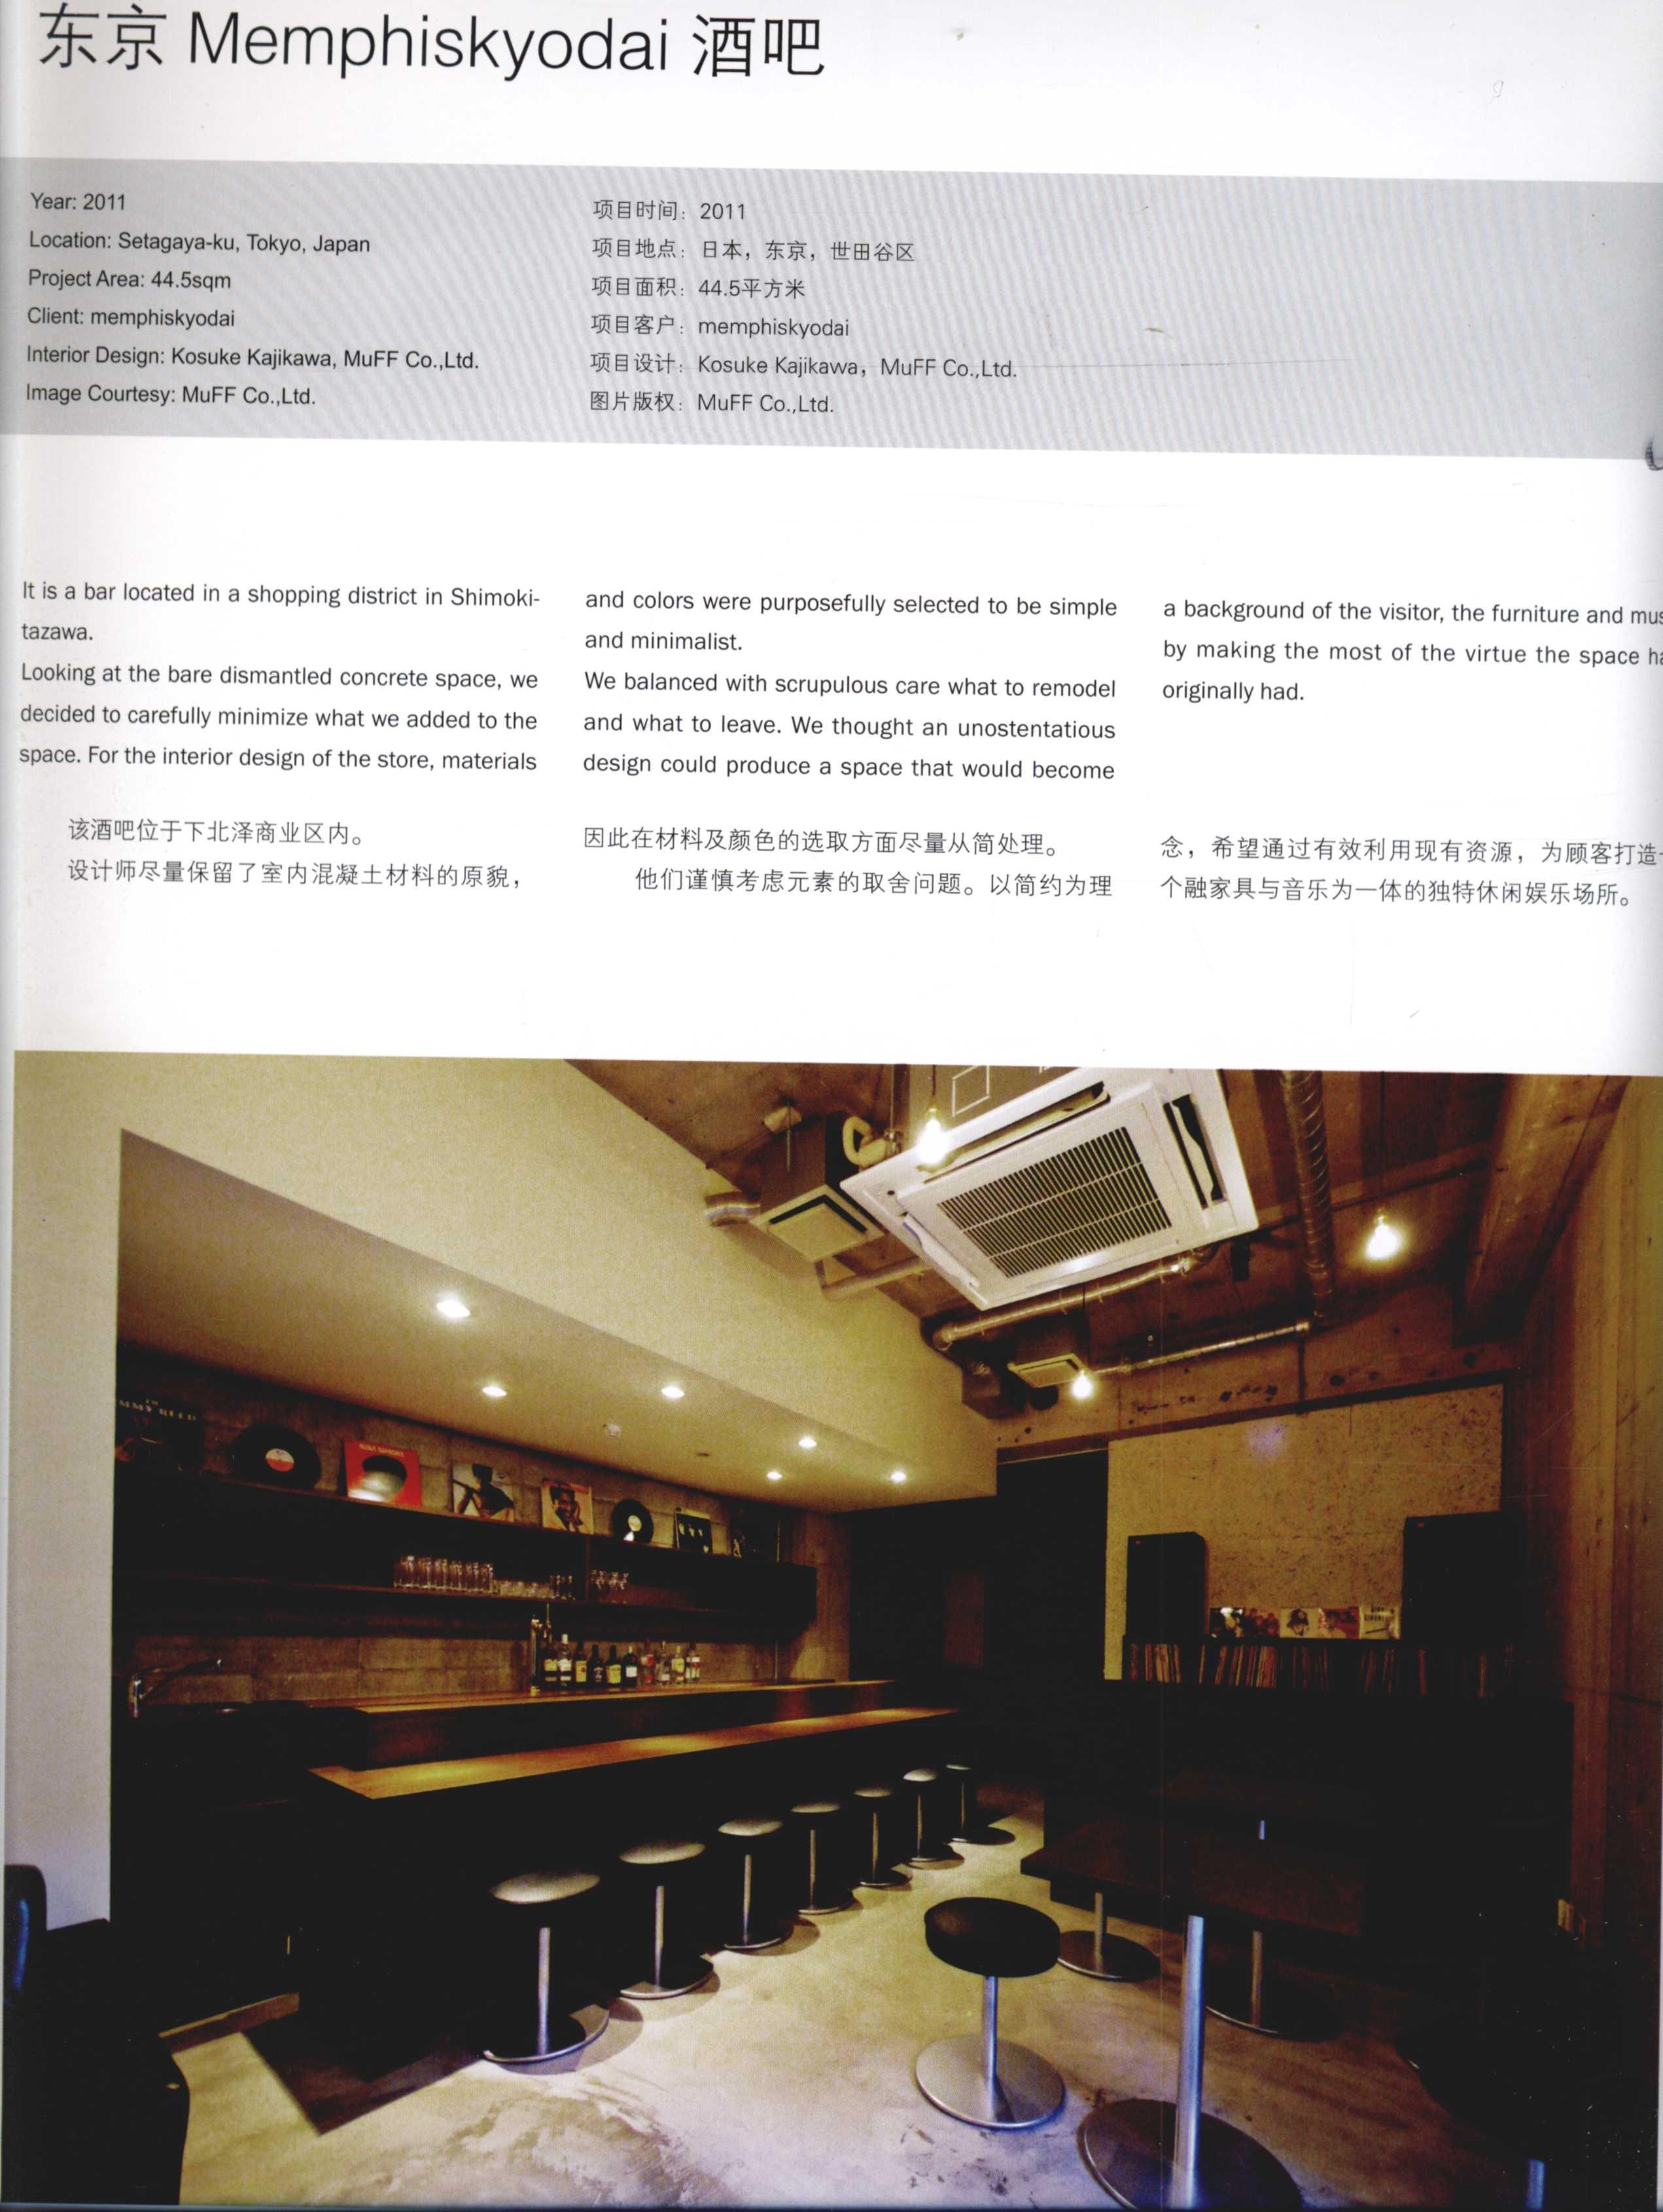 2012全球室内设计年鉴  餐饮_Page_168.jpg